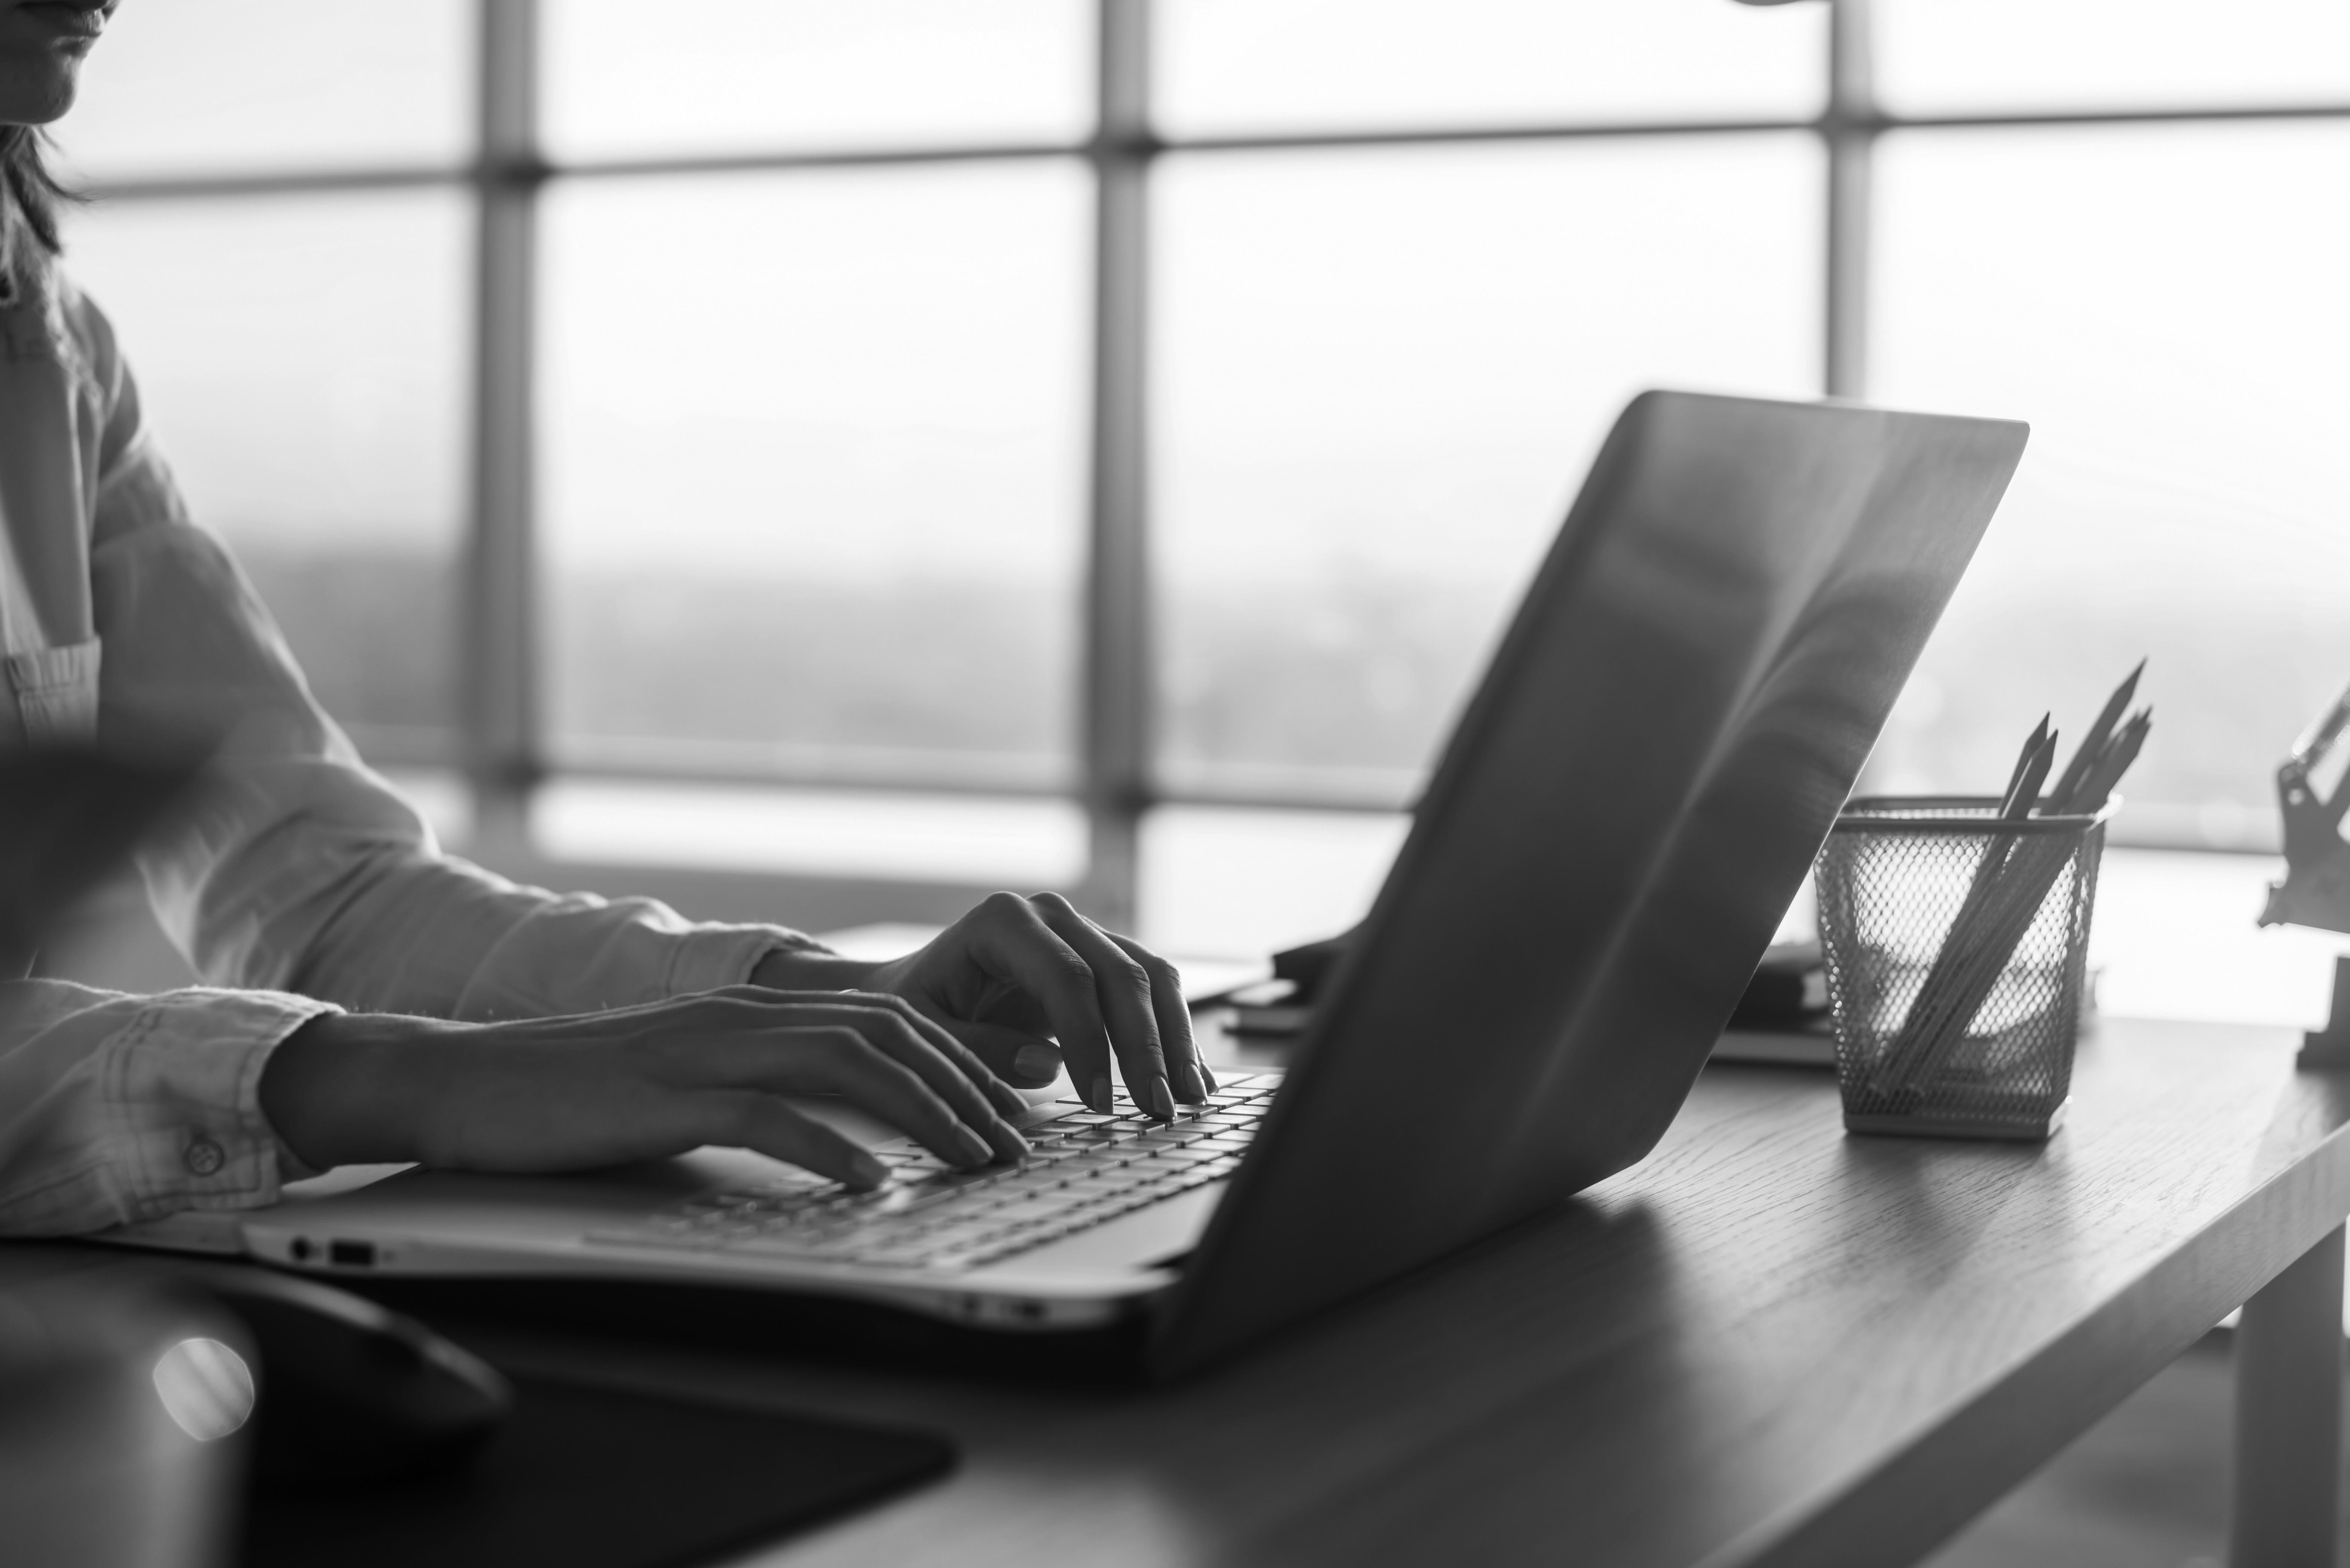 CES 2018: Insider tips for scoring media coverage